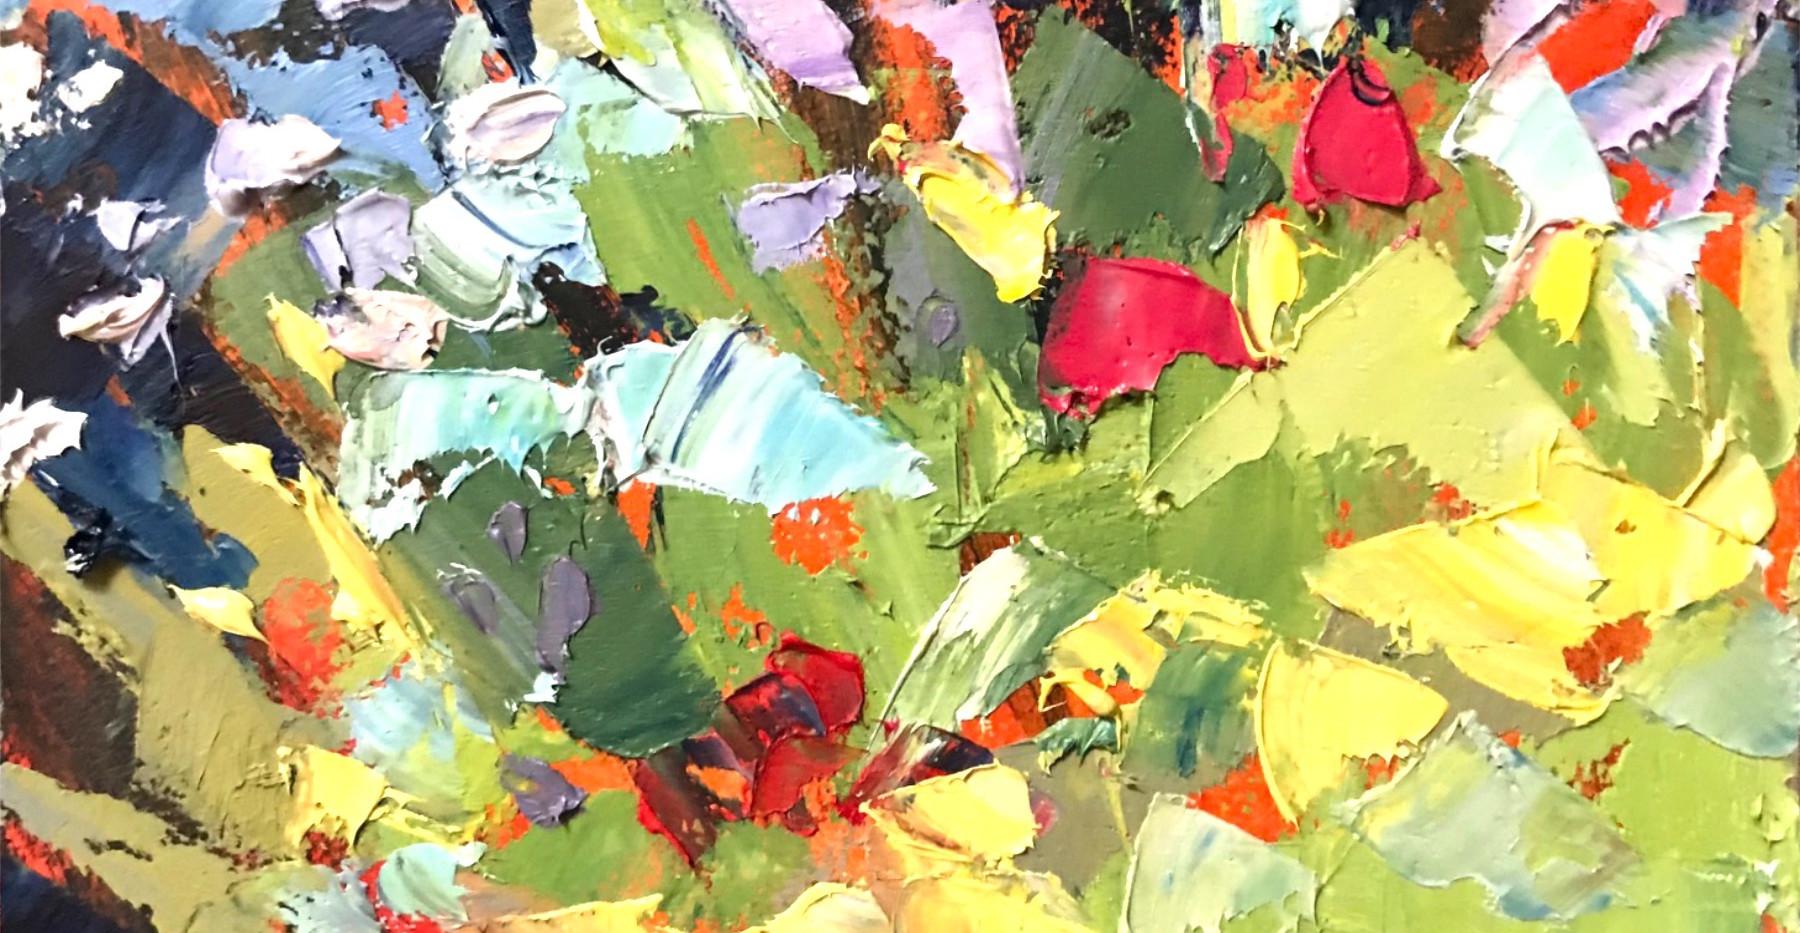 A Summer Garden-Rosen, oil 8x6 $675